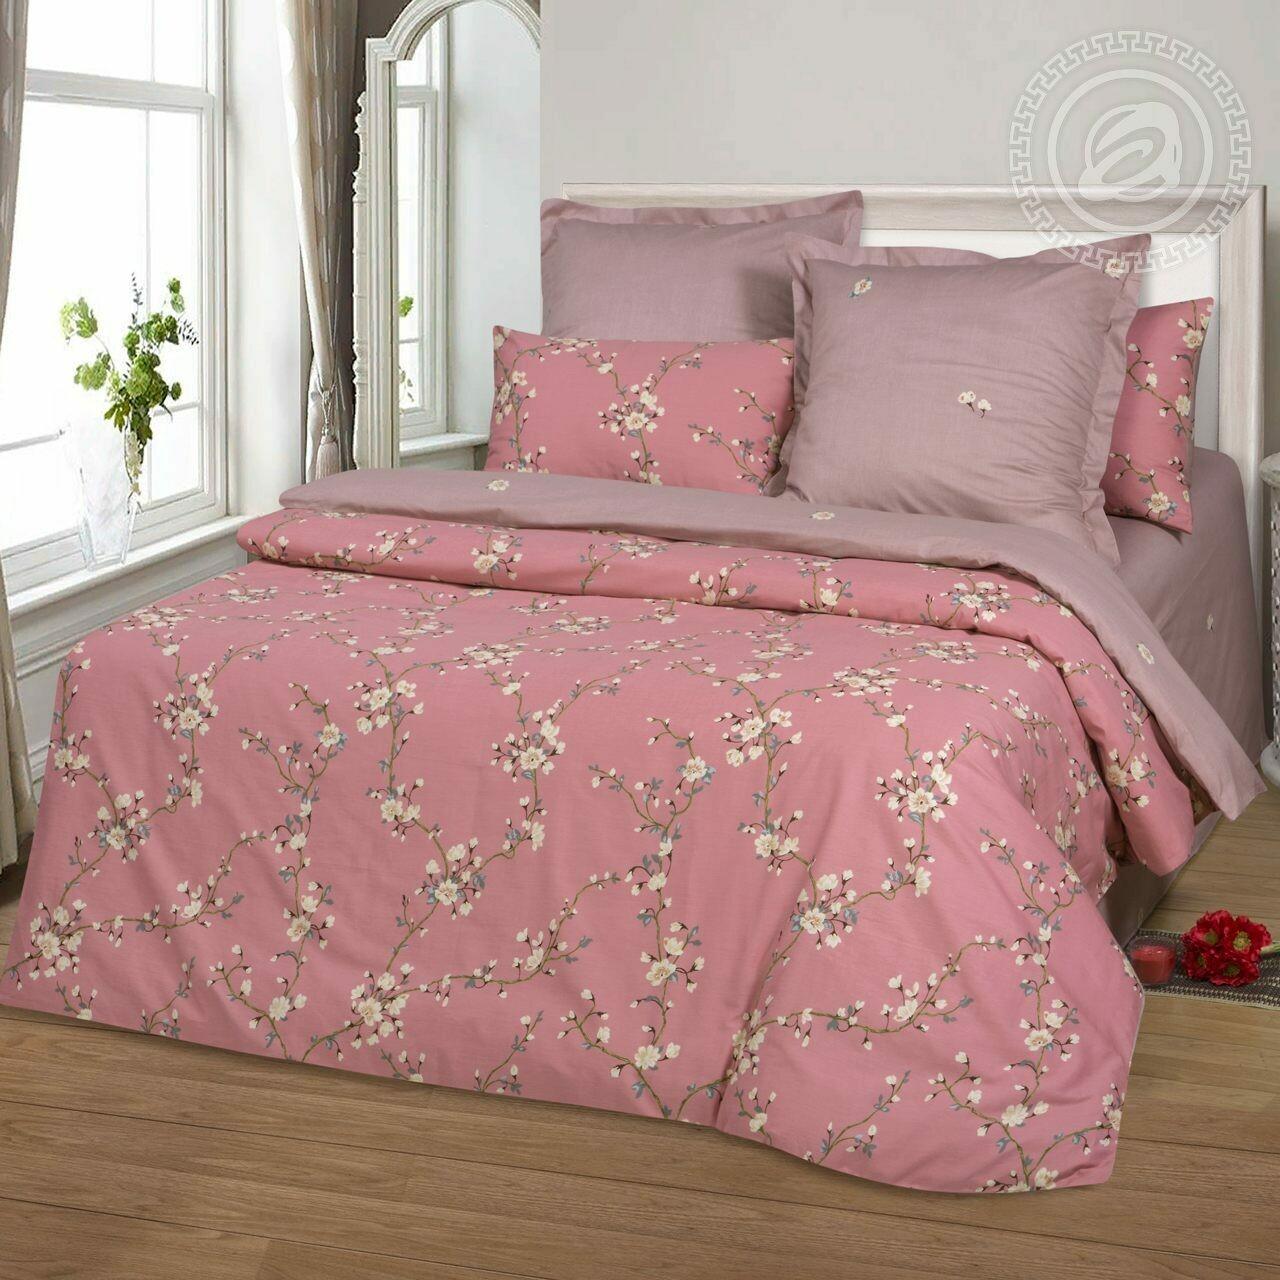 Розанна - Престиж  (Комплекты постельного белья)